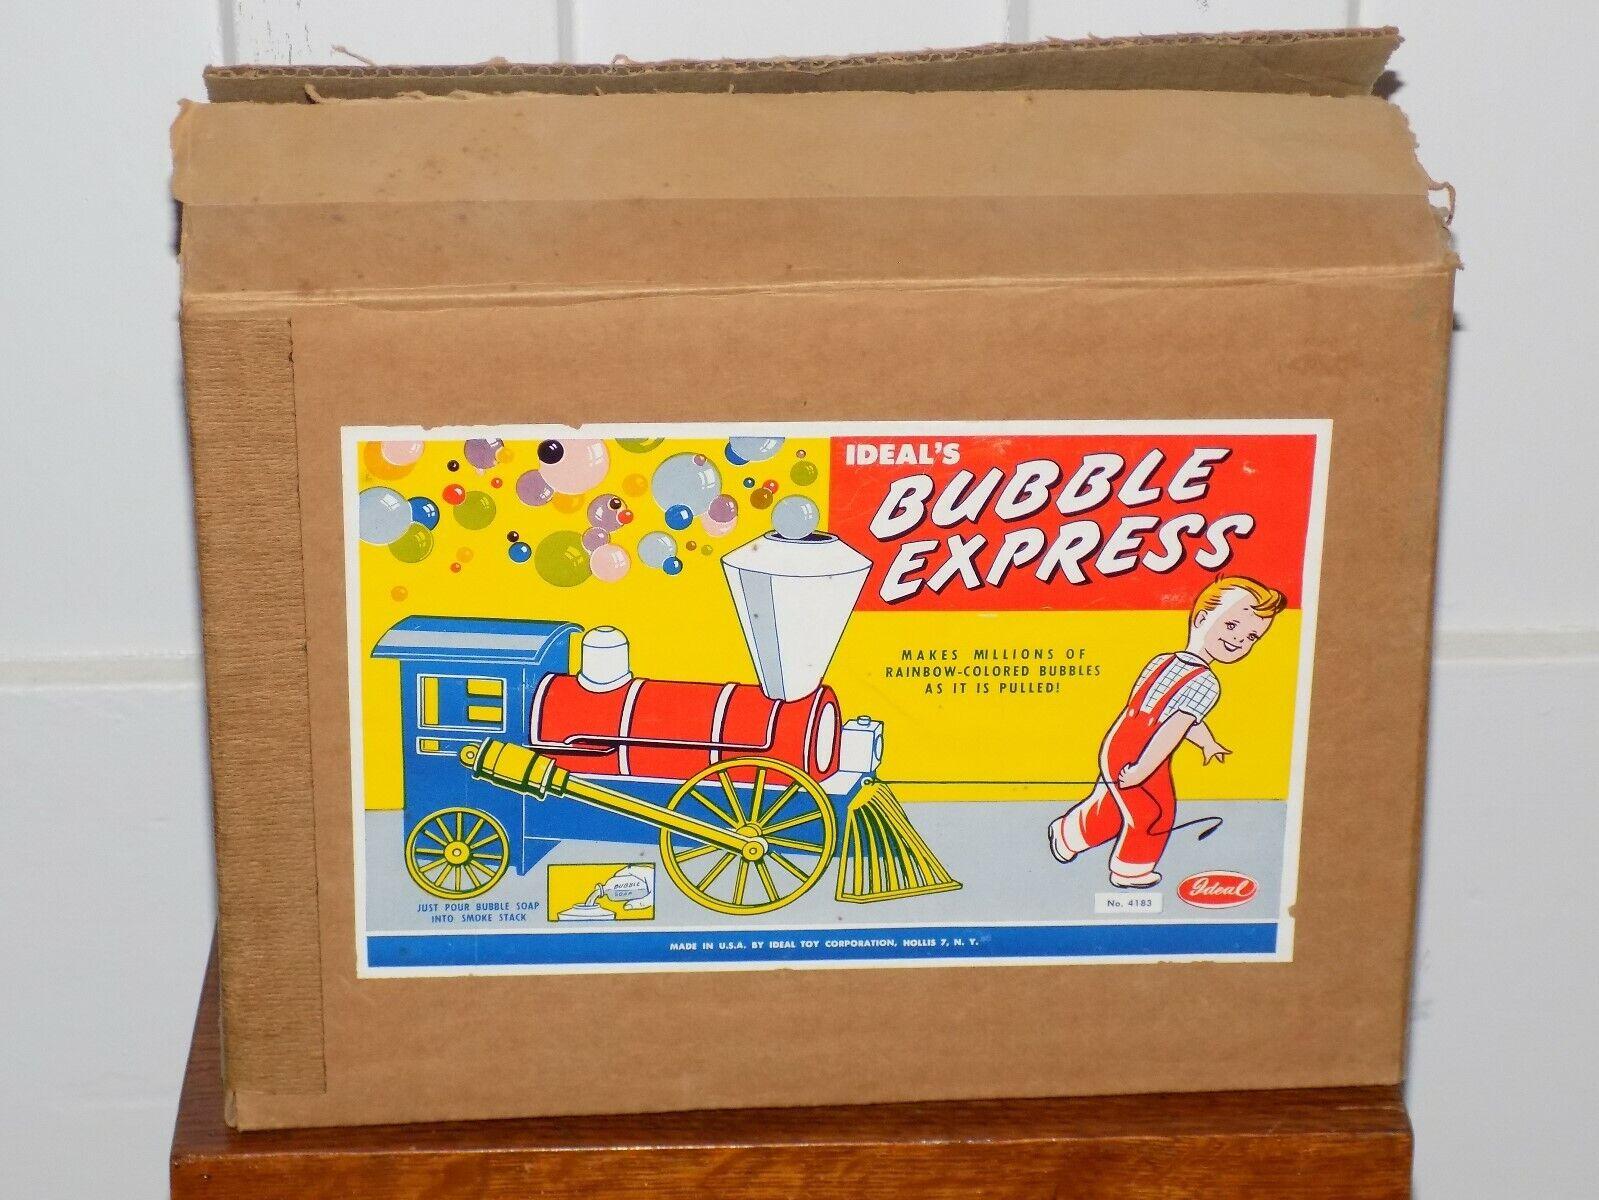 barato La burbuja burbuja burbuja Express tire de juguete Ideal Tren Con Caja  muchas concesiones